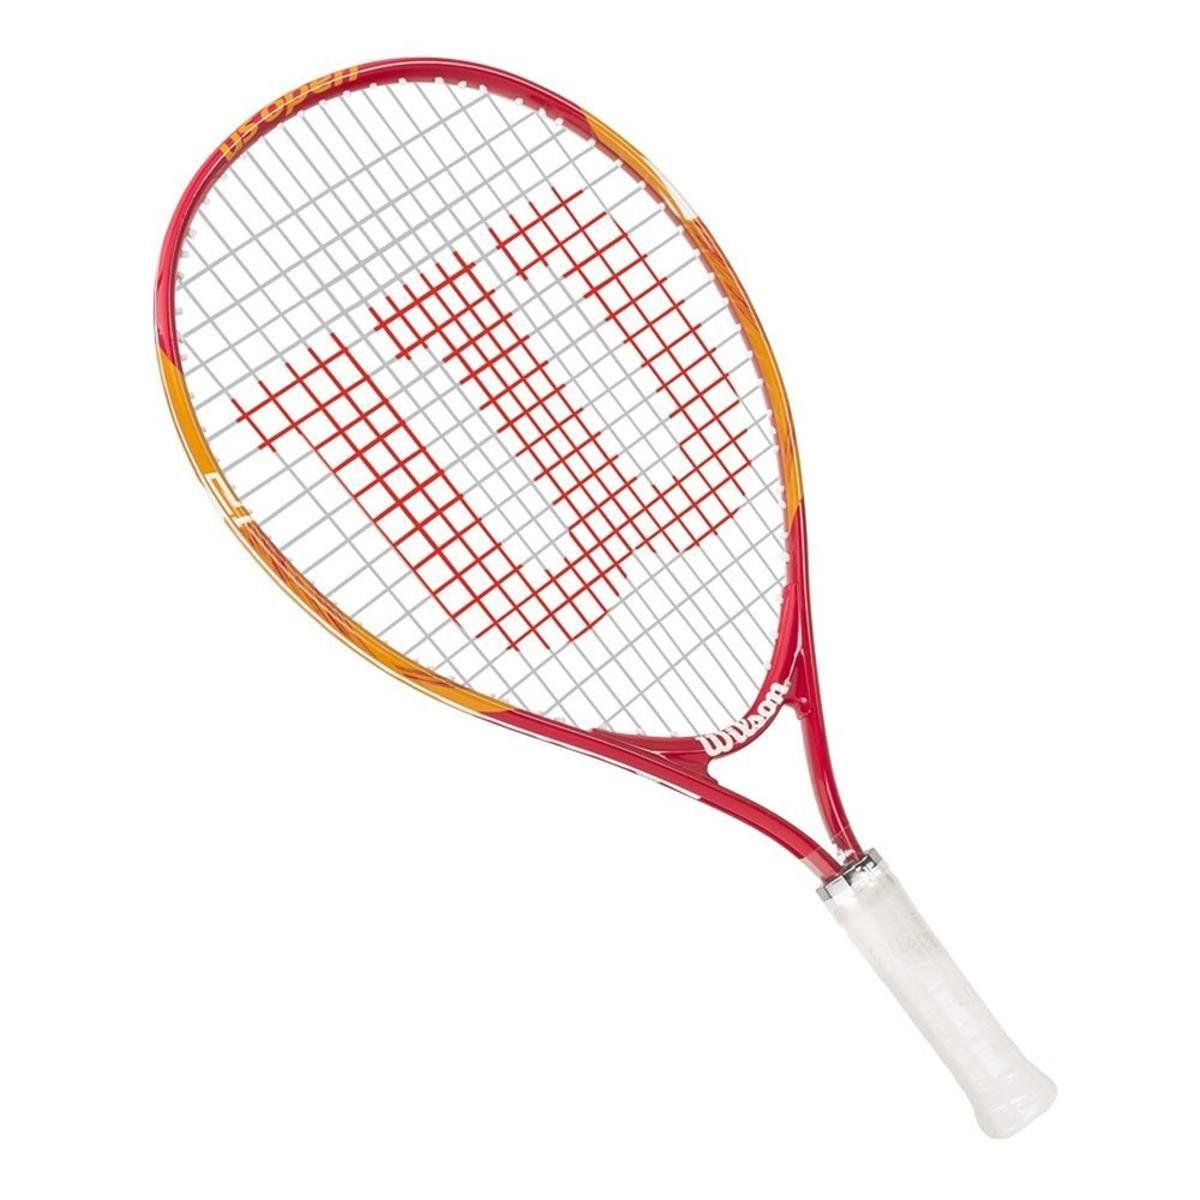 Raquete de Tênis Infantil Wilson US OPEN 21  - PROTENISTA